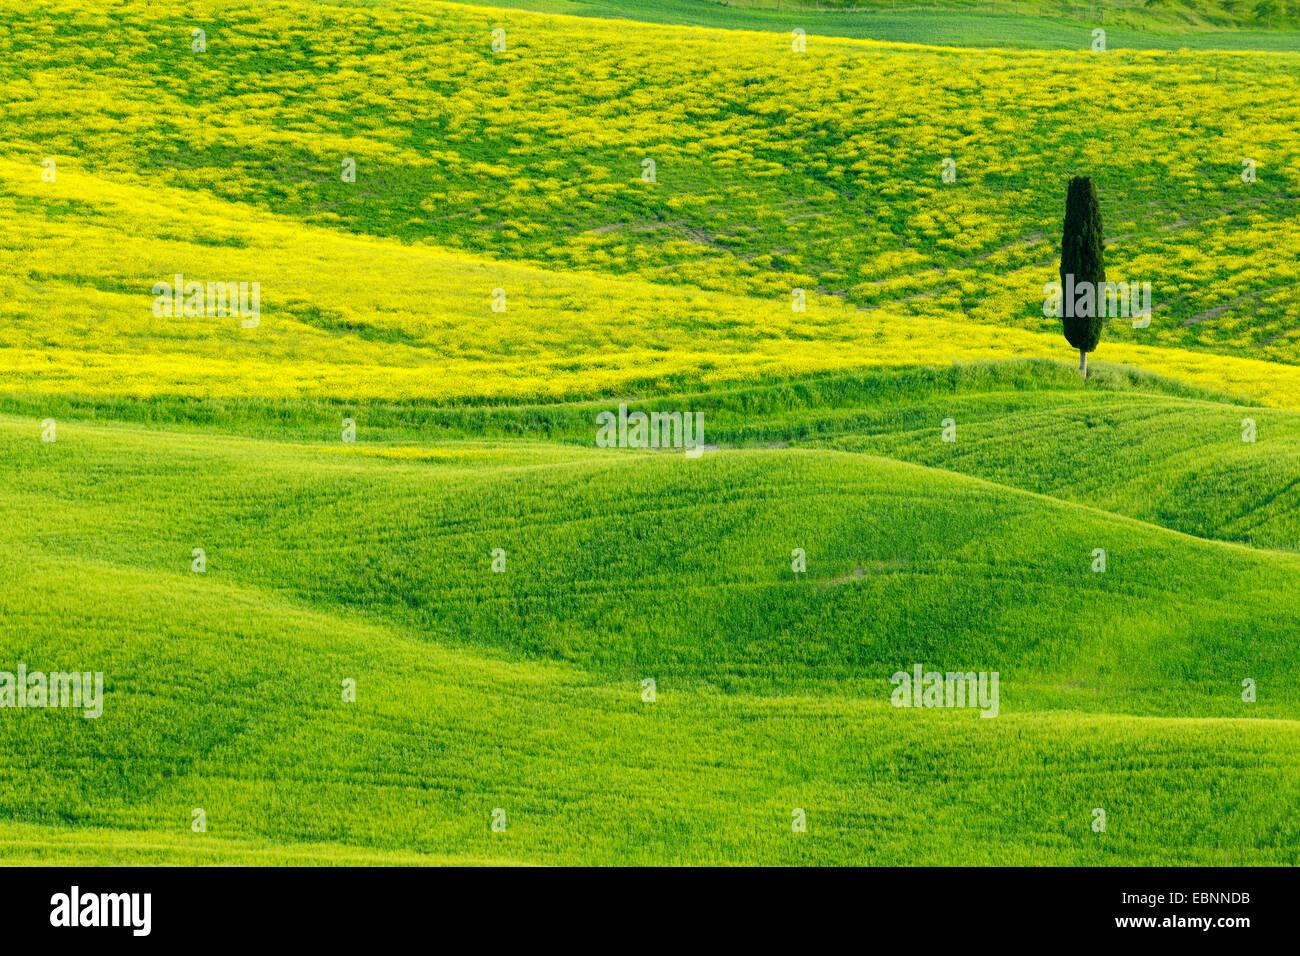 Italienische Zypresse (Cupressus Sempervirens), grüne und hügelige Ackerland mit Cypress, Val d' Orcia, Stockbild